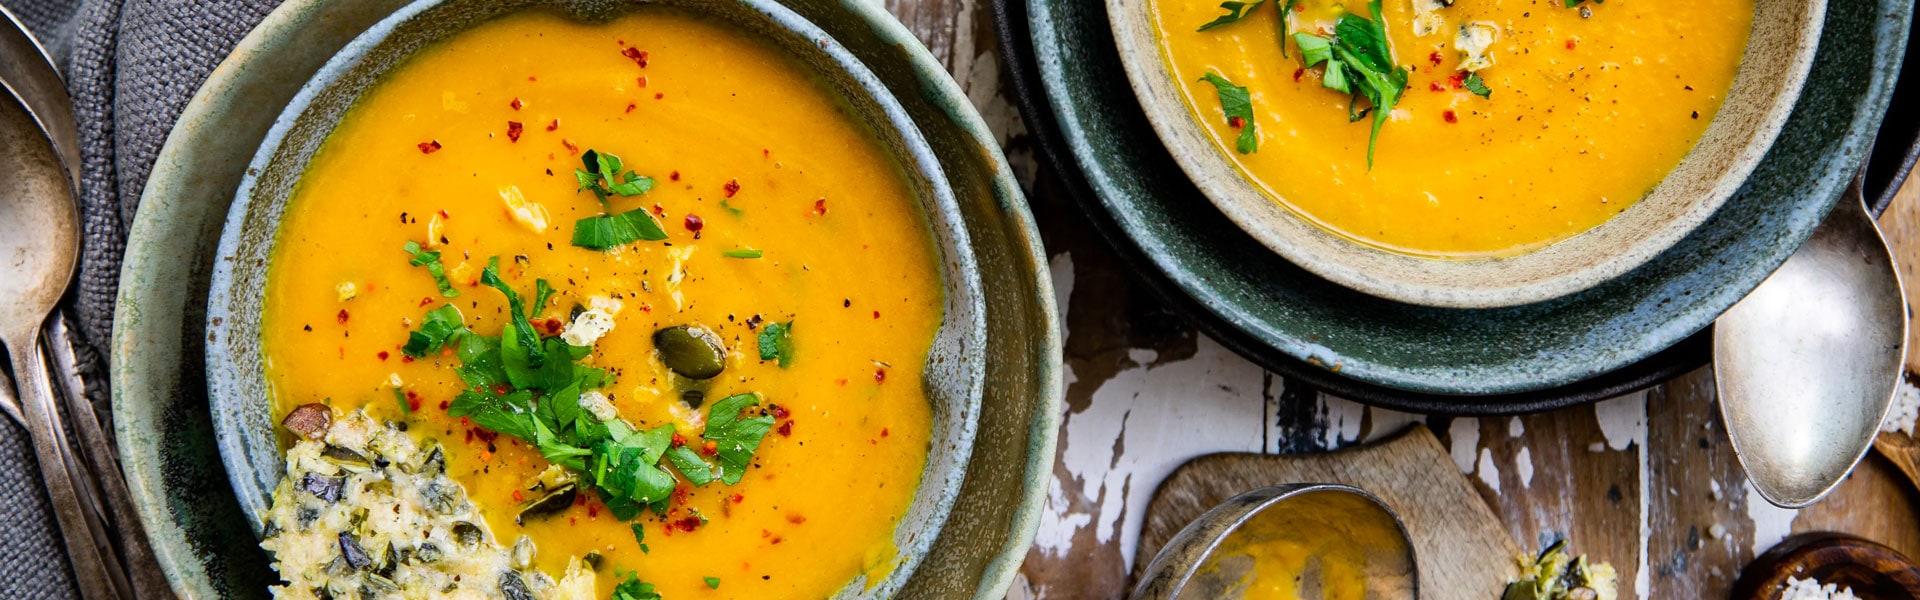 Kürbis-Birnen-Suppe